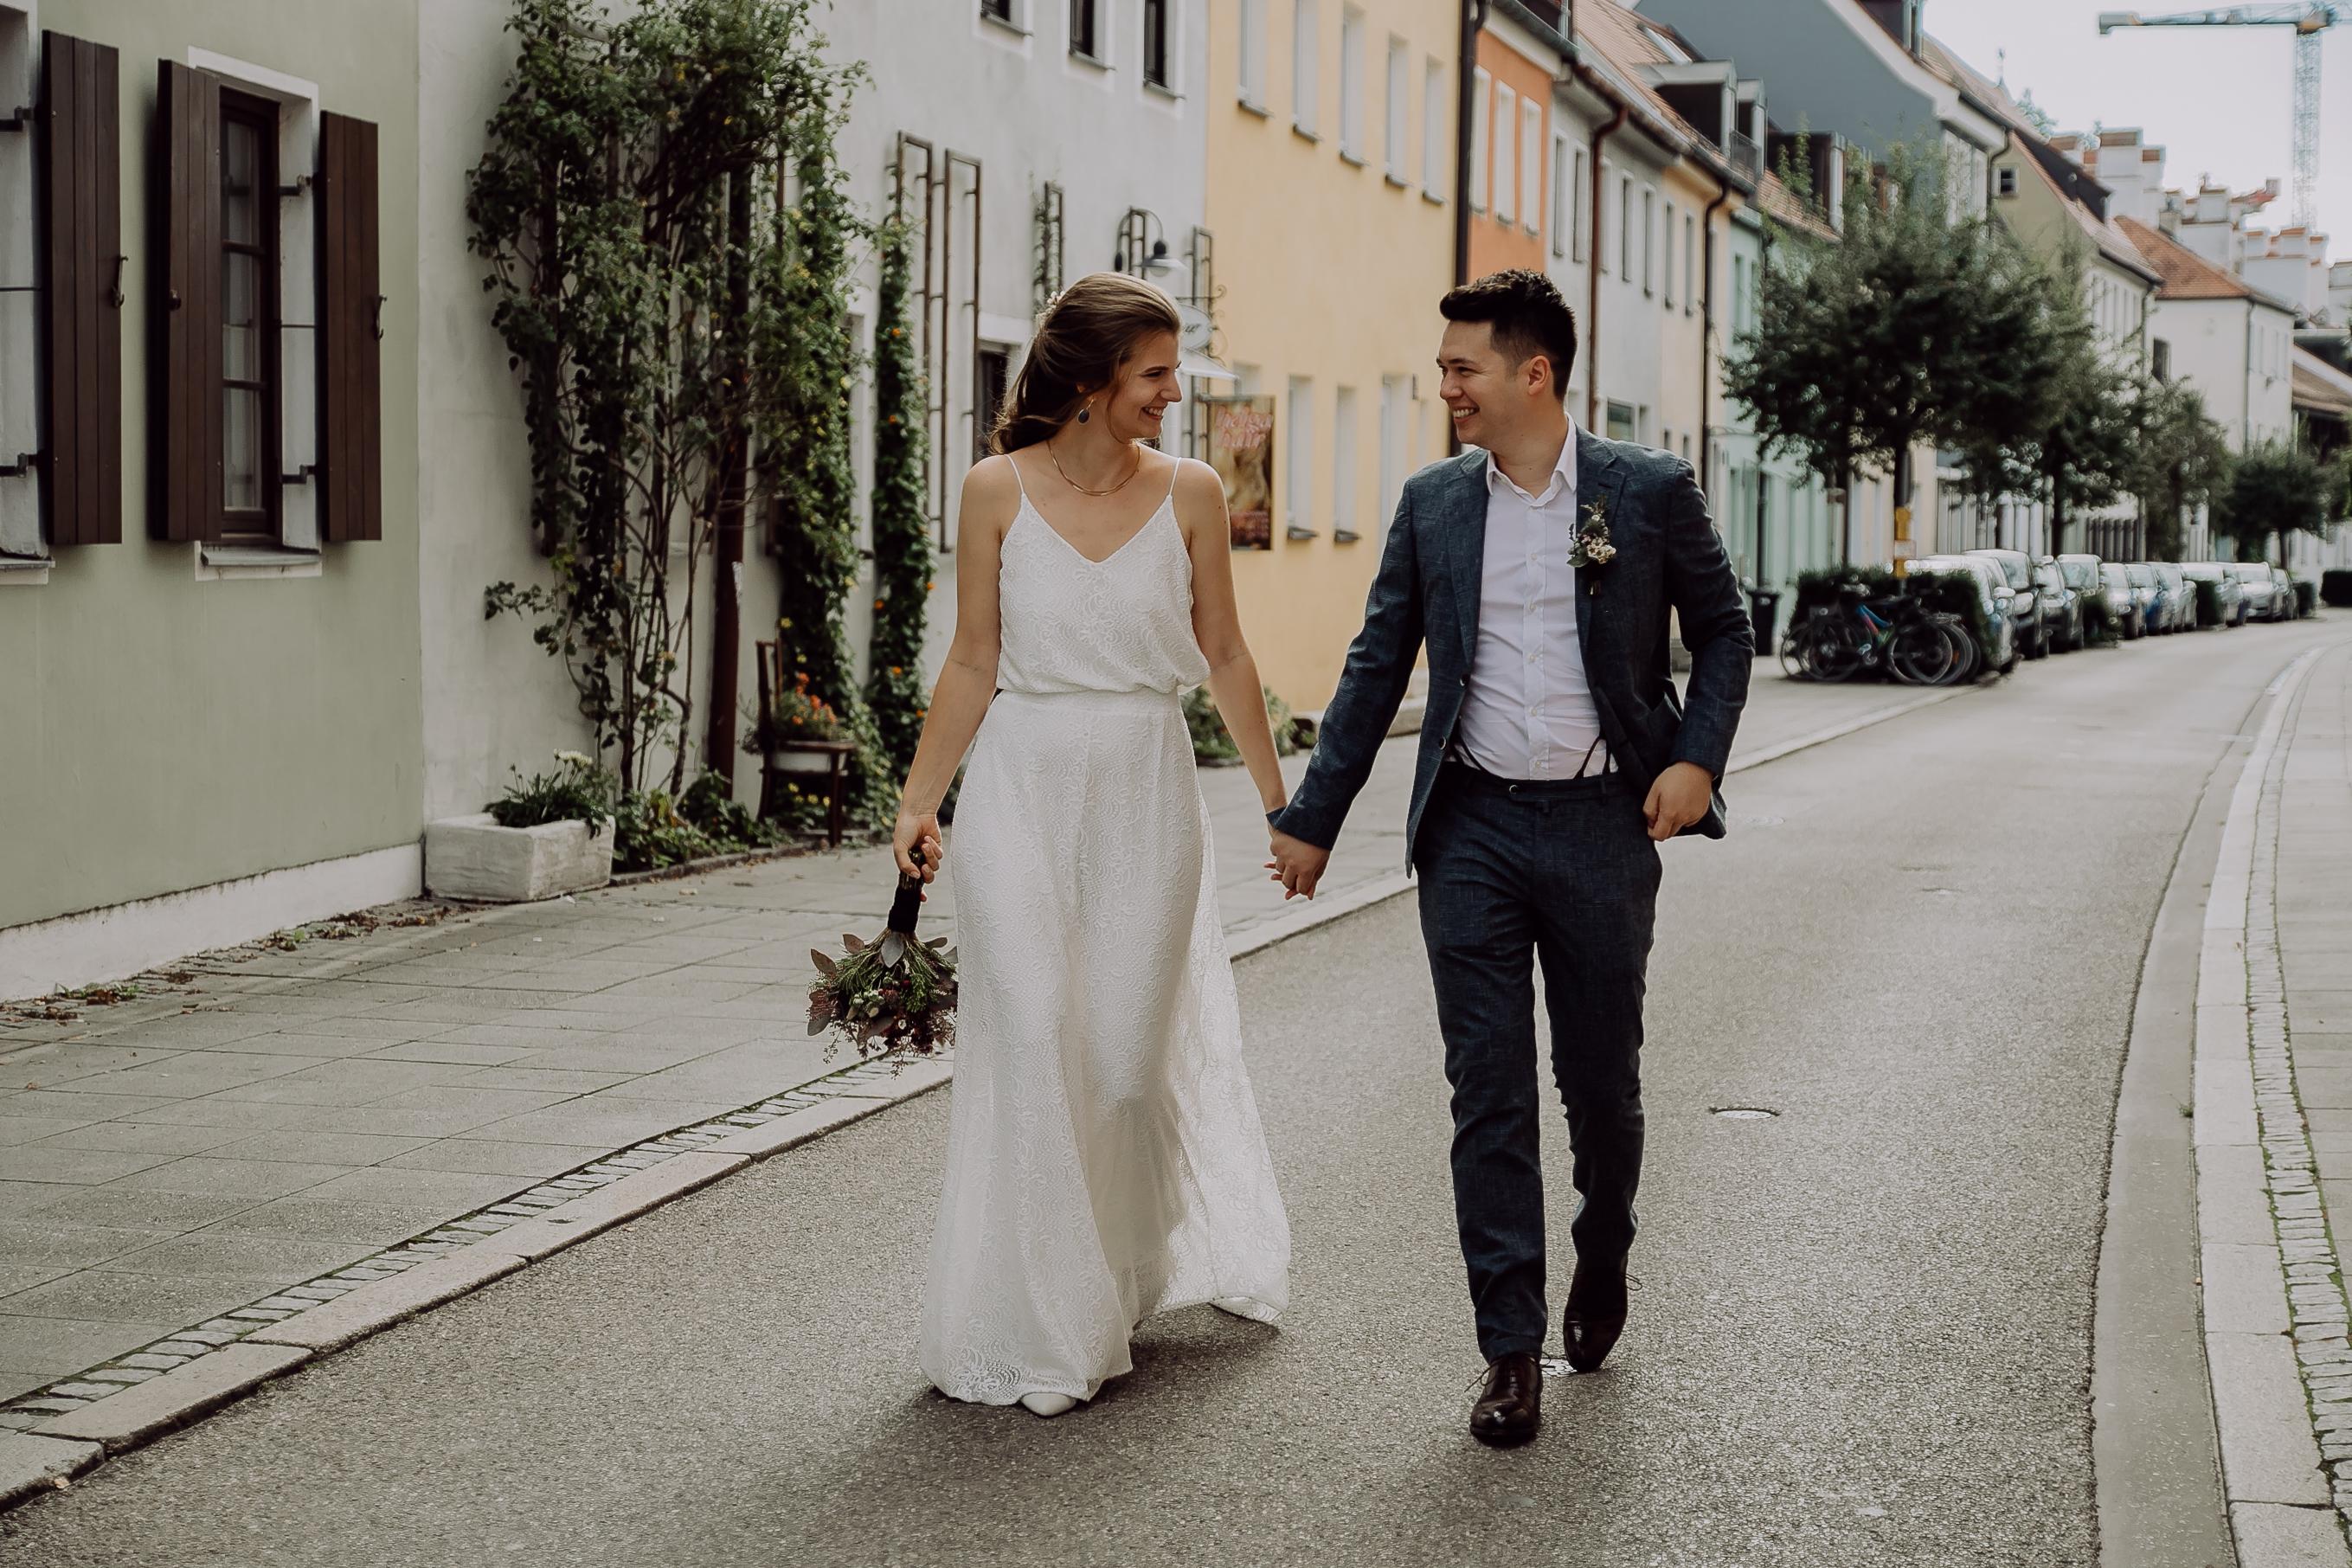 Veronika und Michael beim Hochzeitsshooting in der Ingolstädter Altstadt.